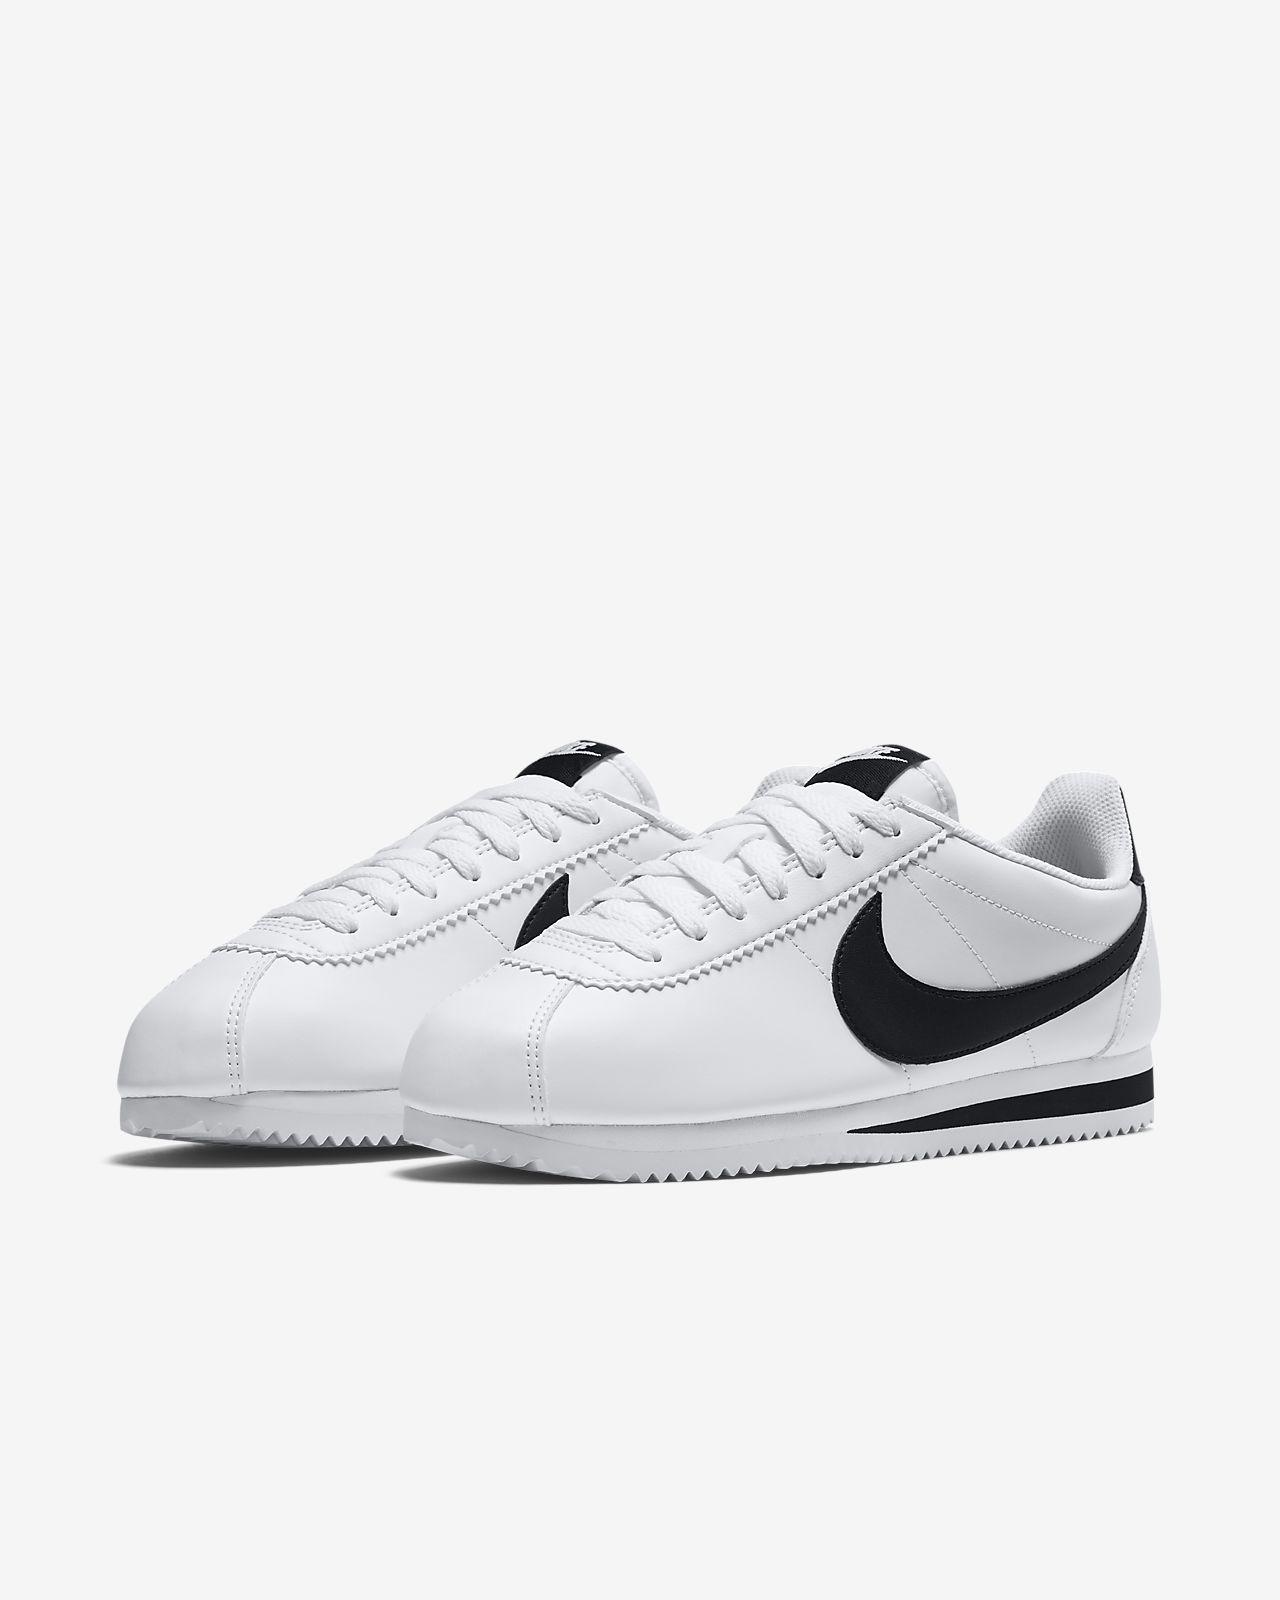 best service cef8e 4c463 Nike Classic Cortez Women s Shoe Black and White